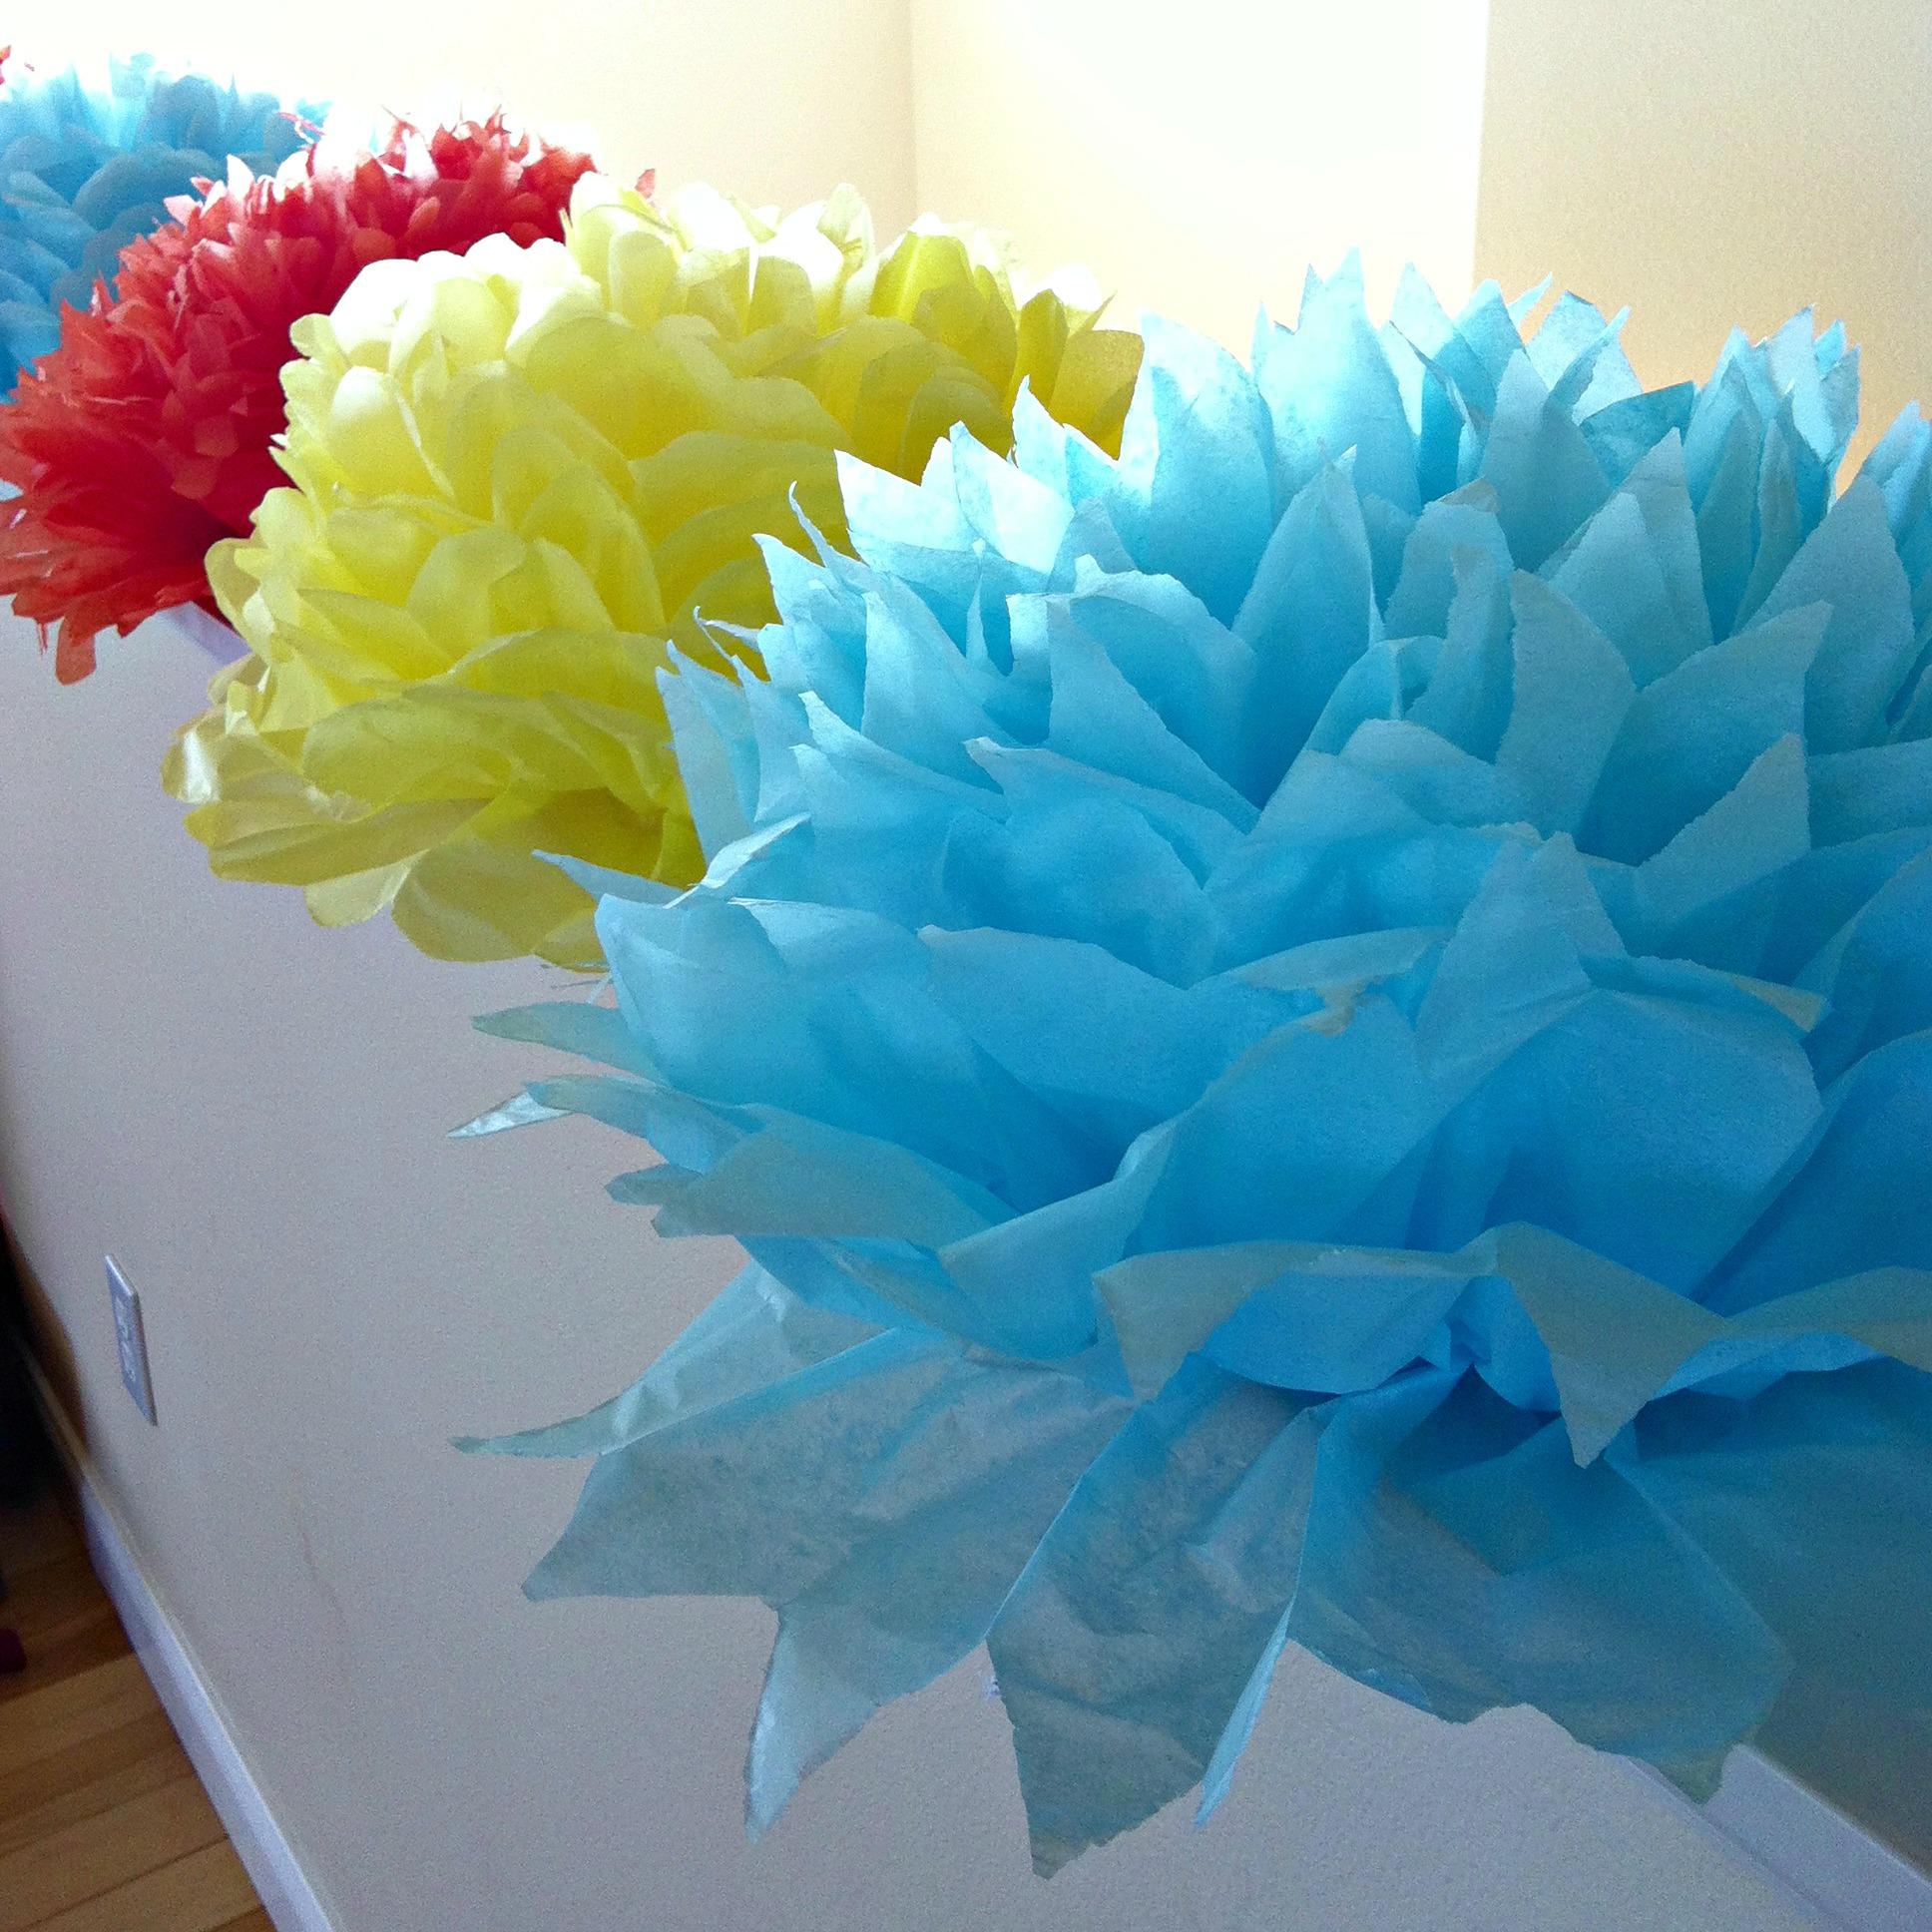 Make tissue paper flower centerpieces selol ink make tissue paper flower centerpieces mightylinksfo